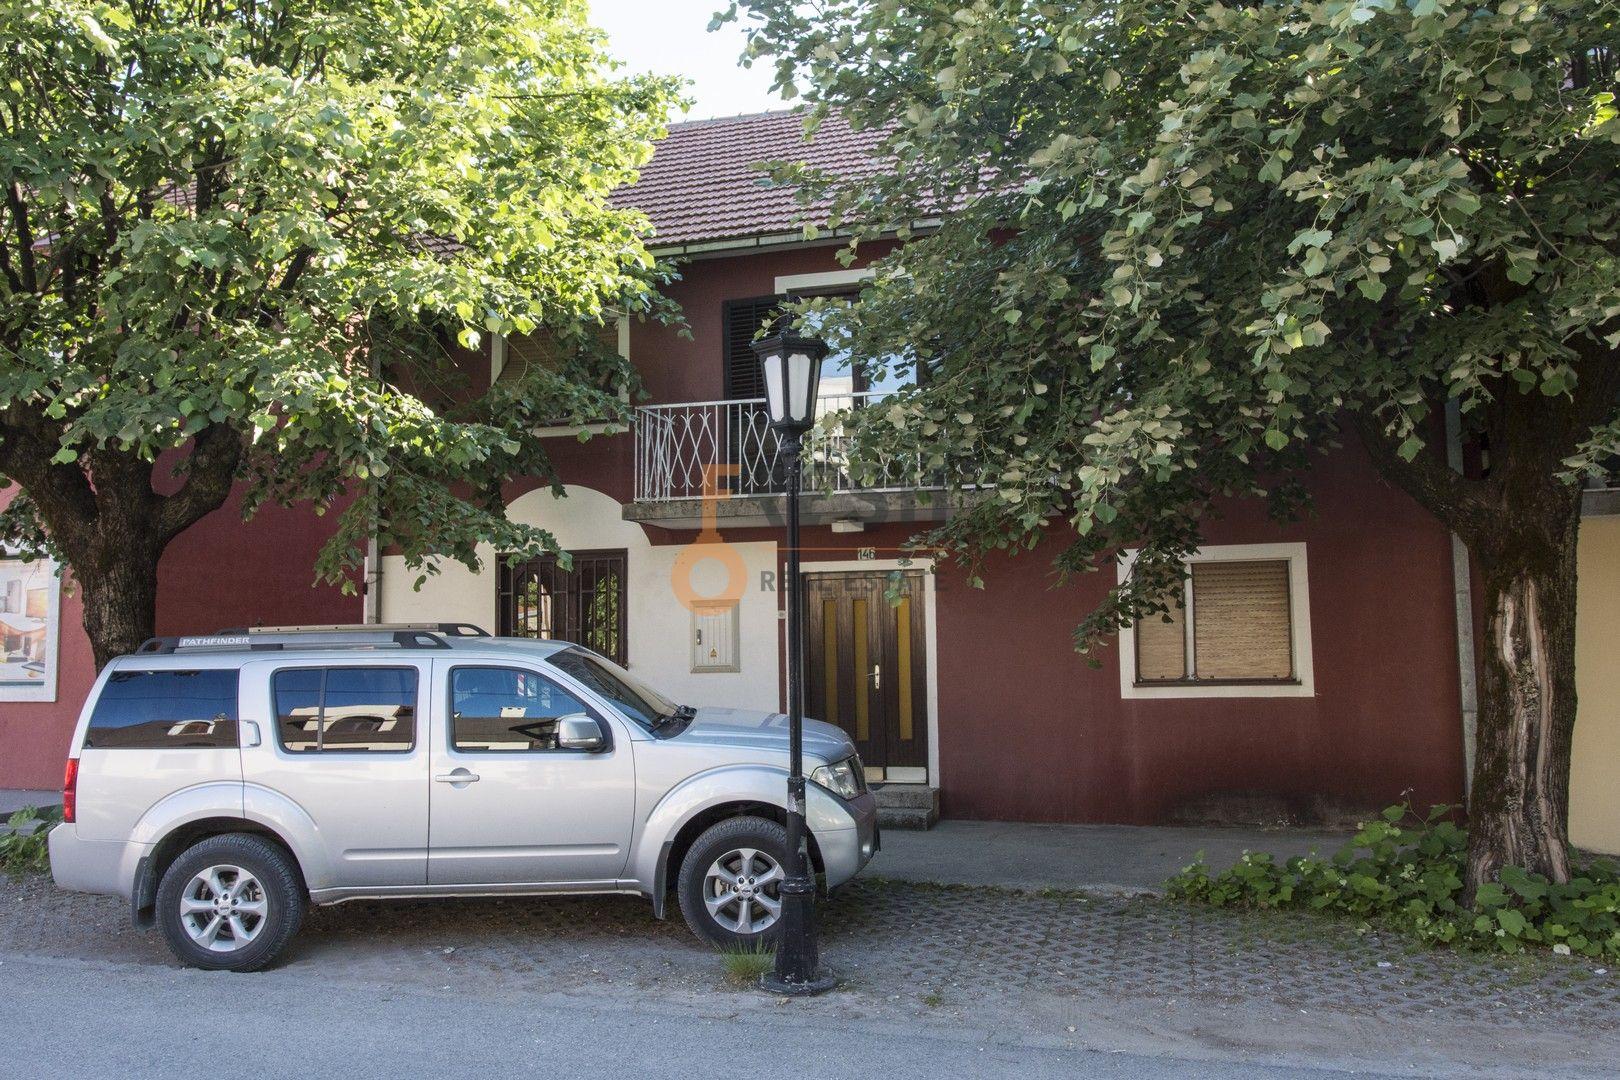 Kuća, 200m2, Cetinje, Bajova ulica, Izdavanje - 1